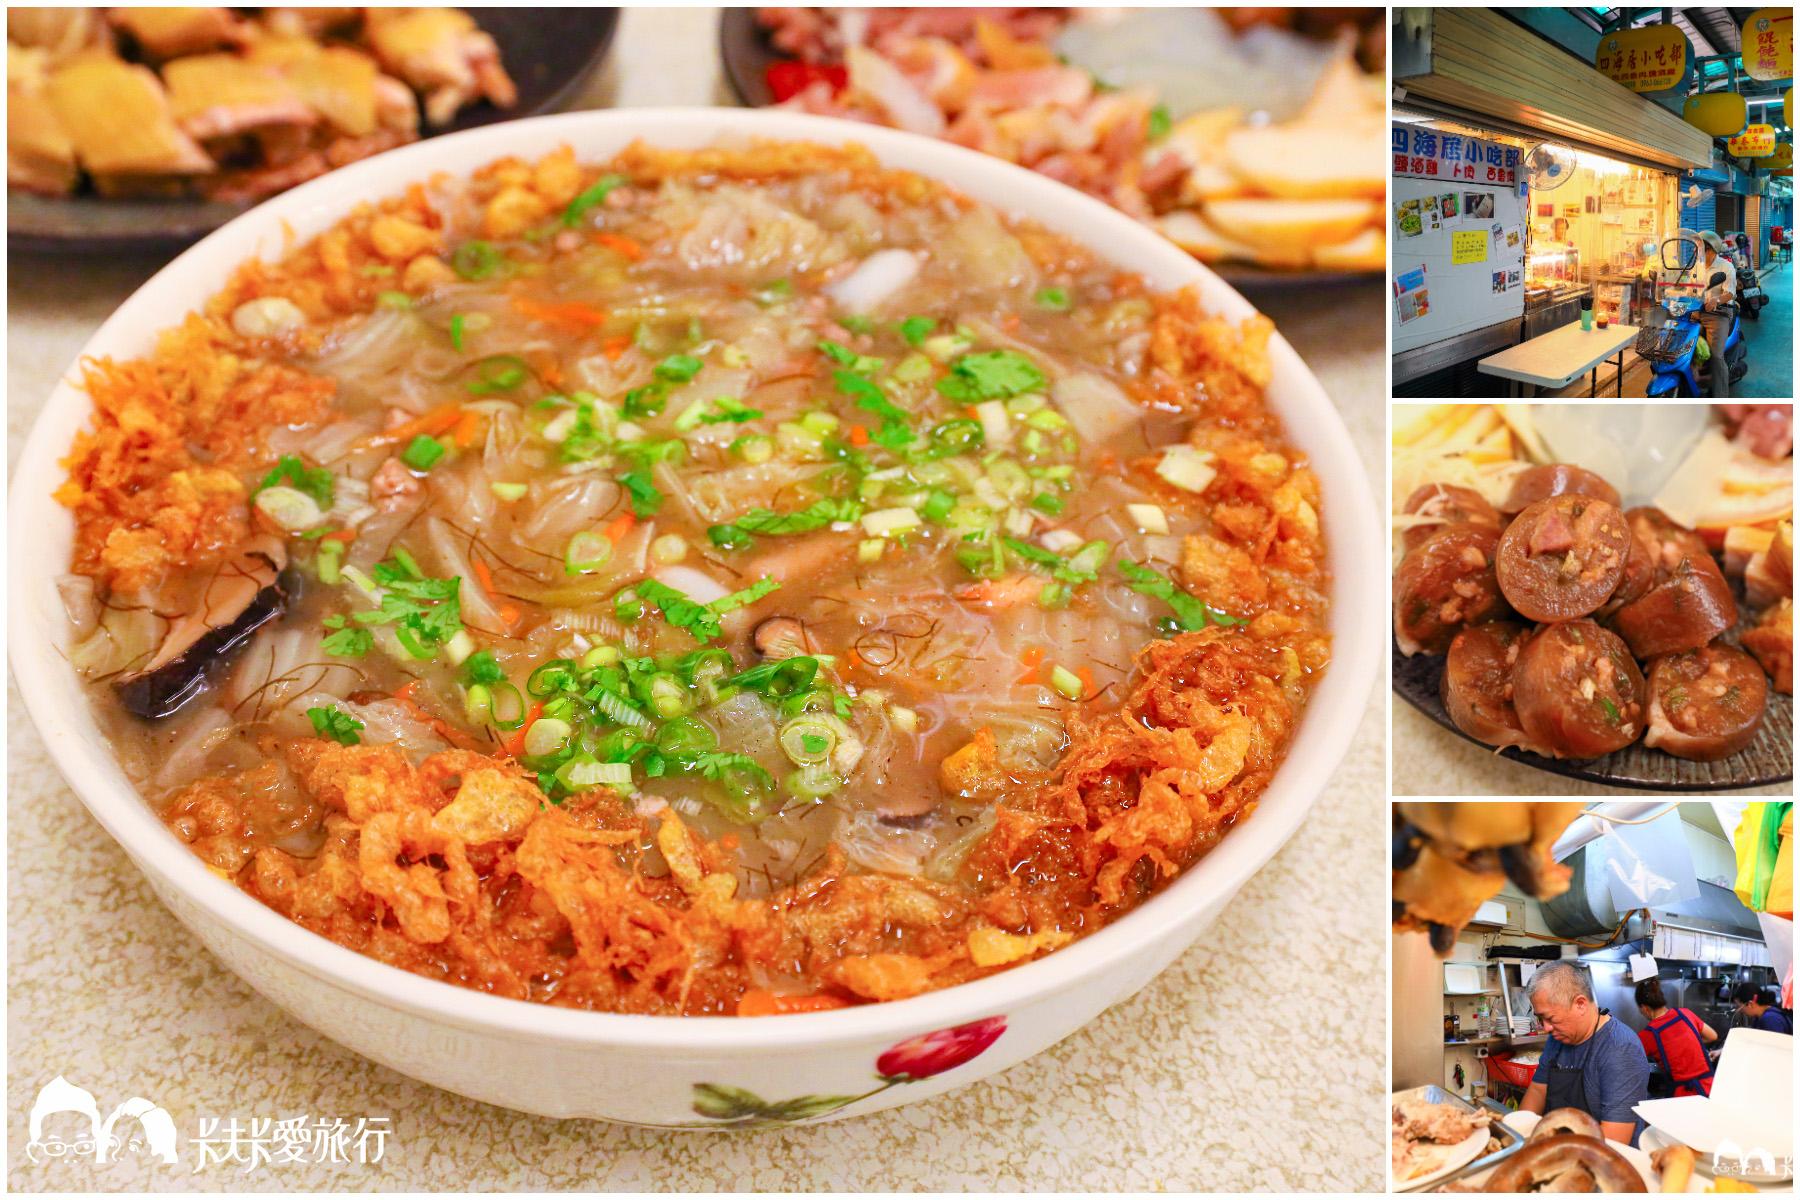 老宜蘭風格早午餐|四海居小吃店|早餐就能吃超豪華辦桌菜卜肉西魯肉北館市場